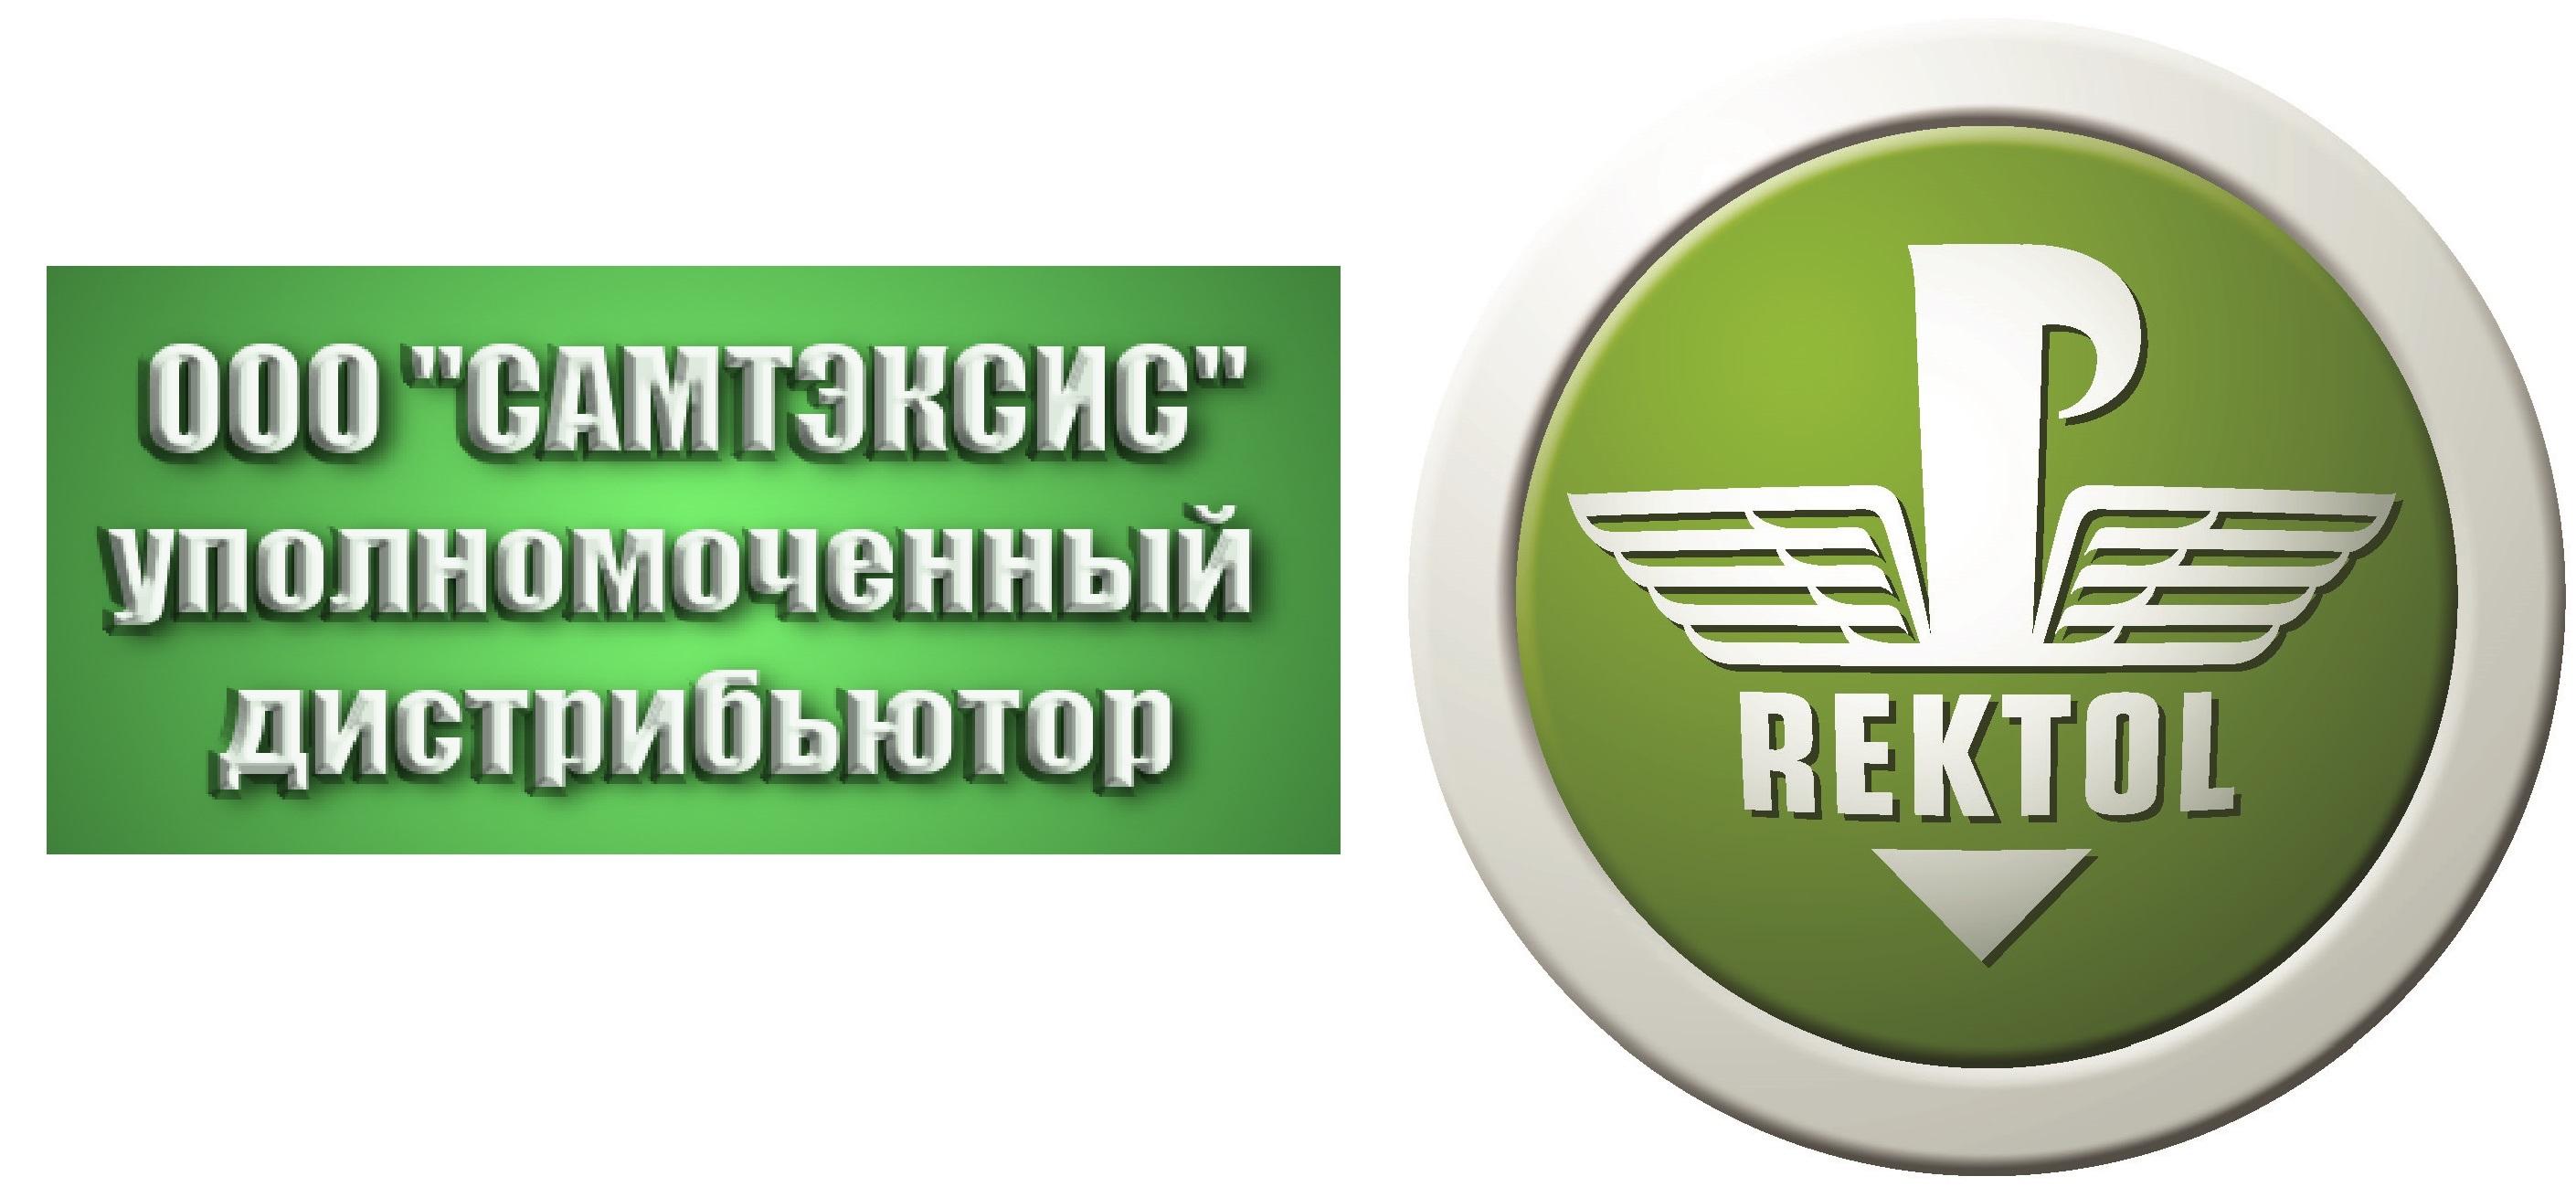 Rektol.by